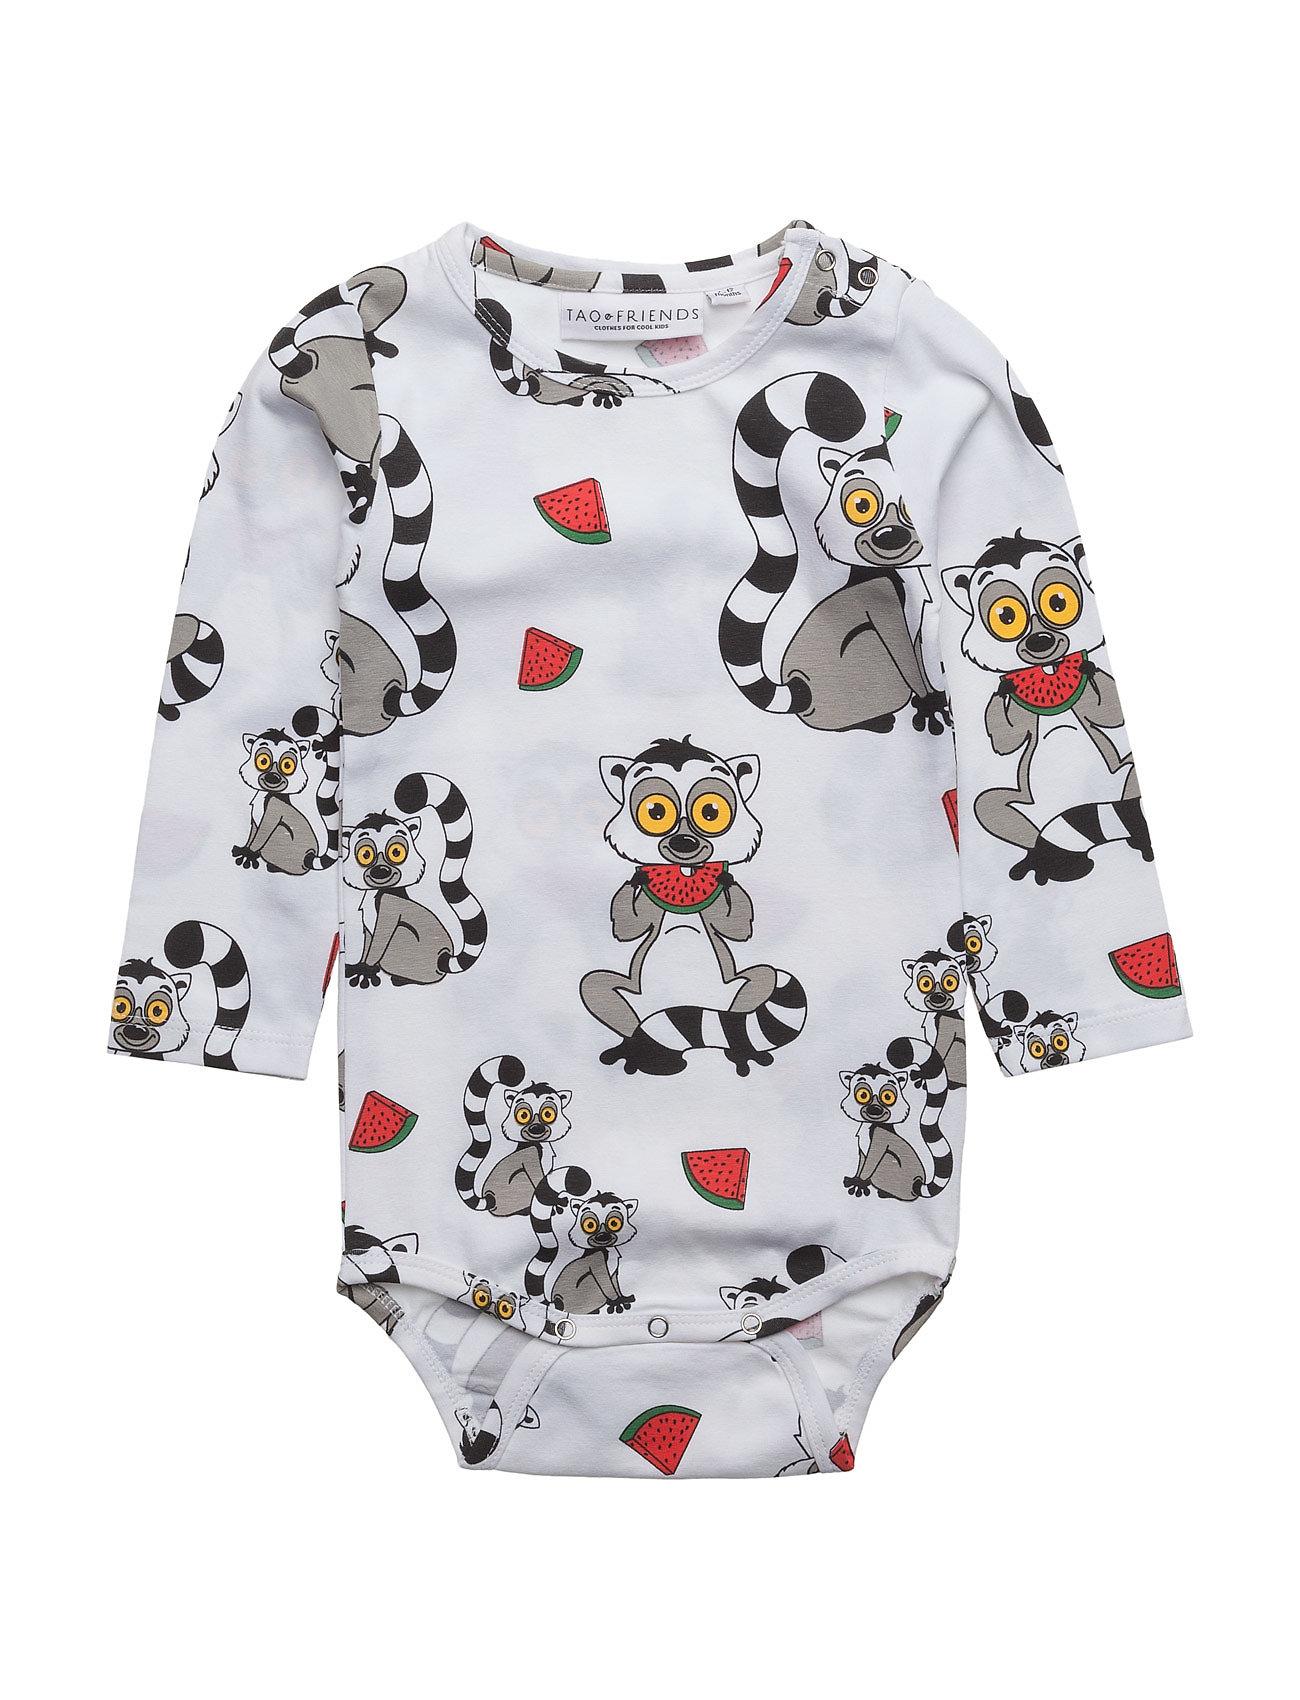 tao & friends Baby body lemuren multi-animal white på boozt.com dk